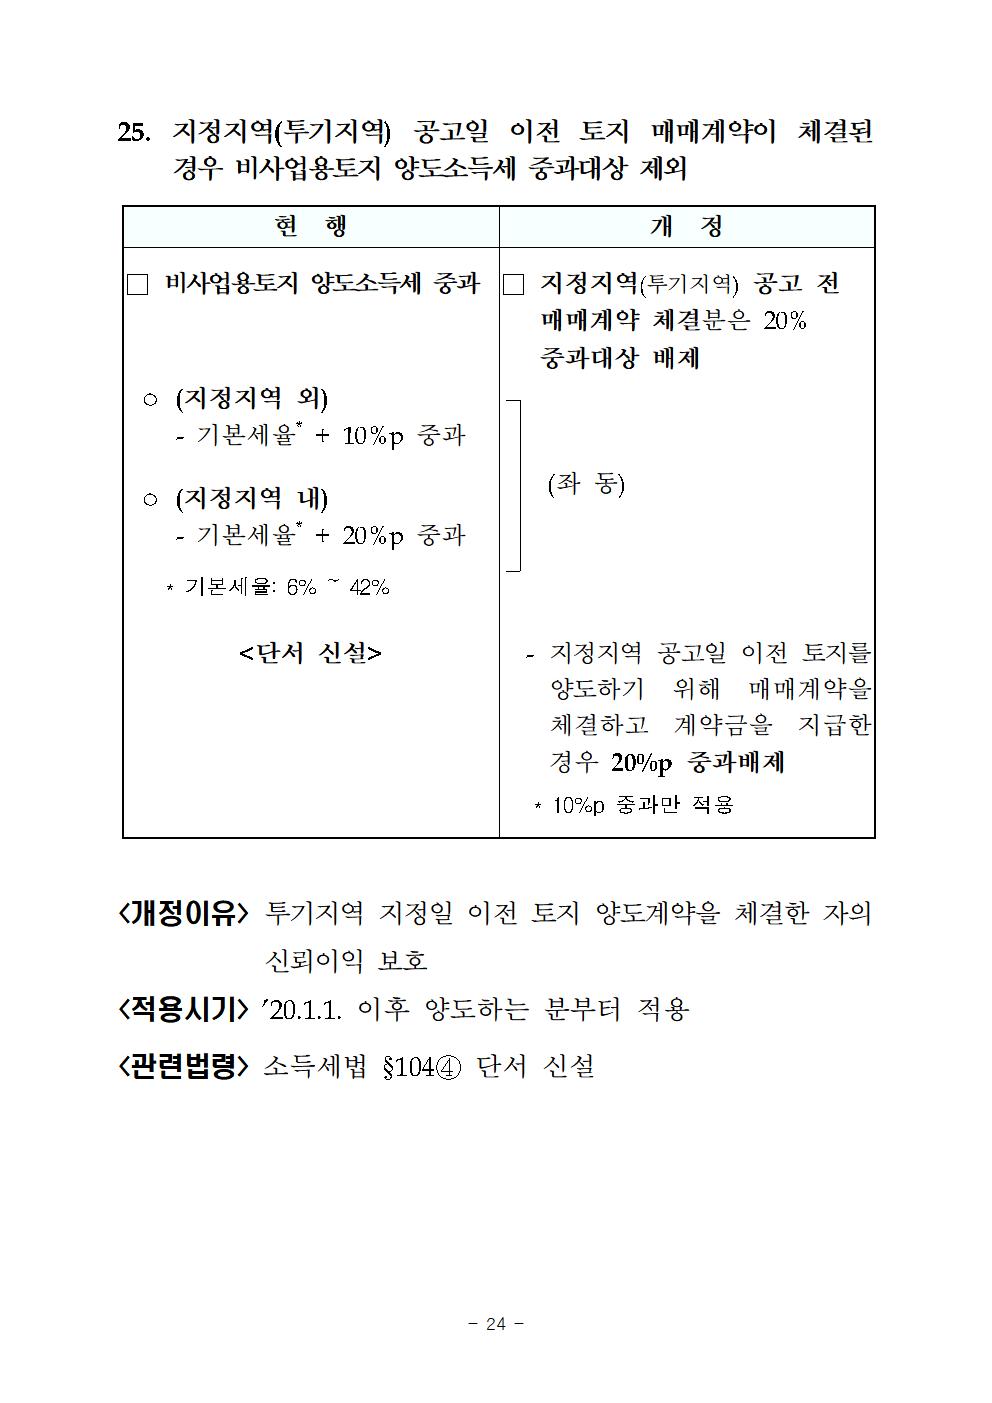 2019년세법개정내용(양도소득세분야)029.png